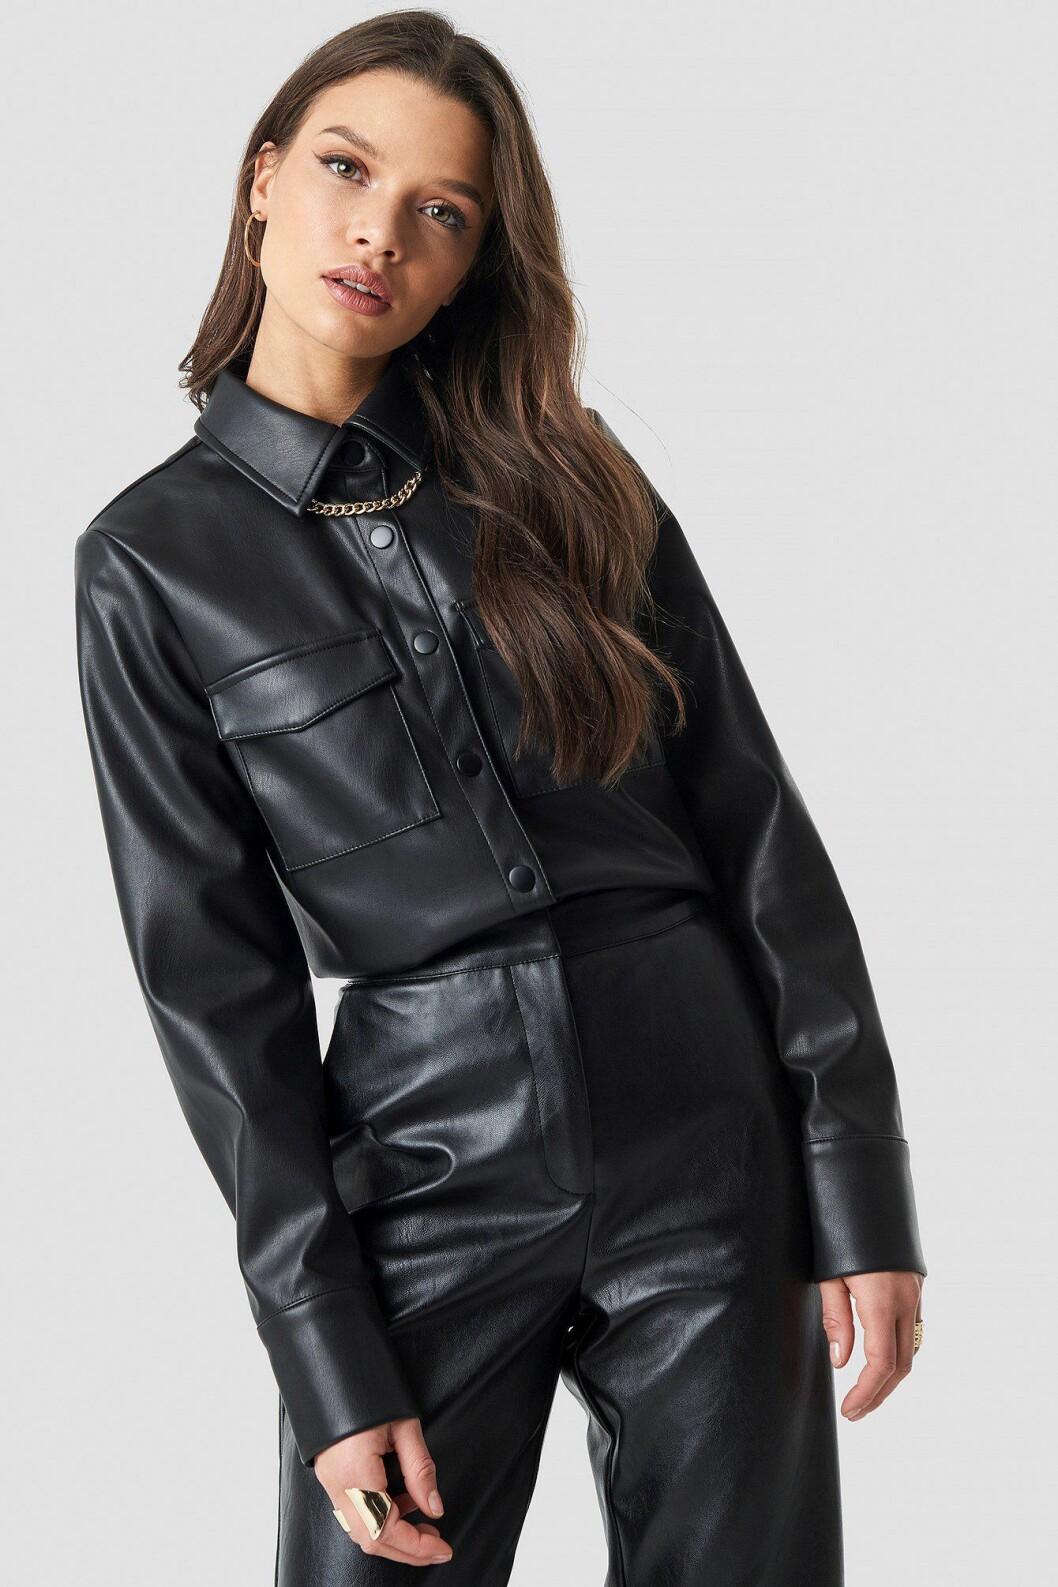 Linn Ahlborg Na-kd svart skjorta